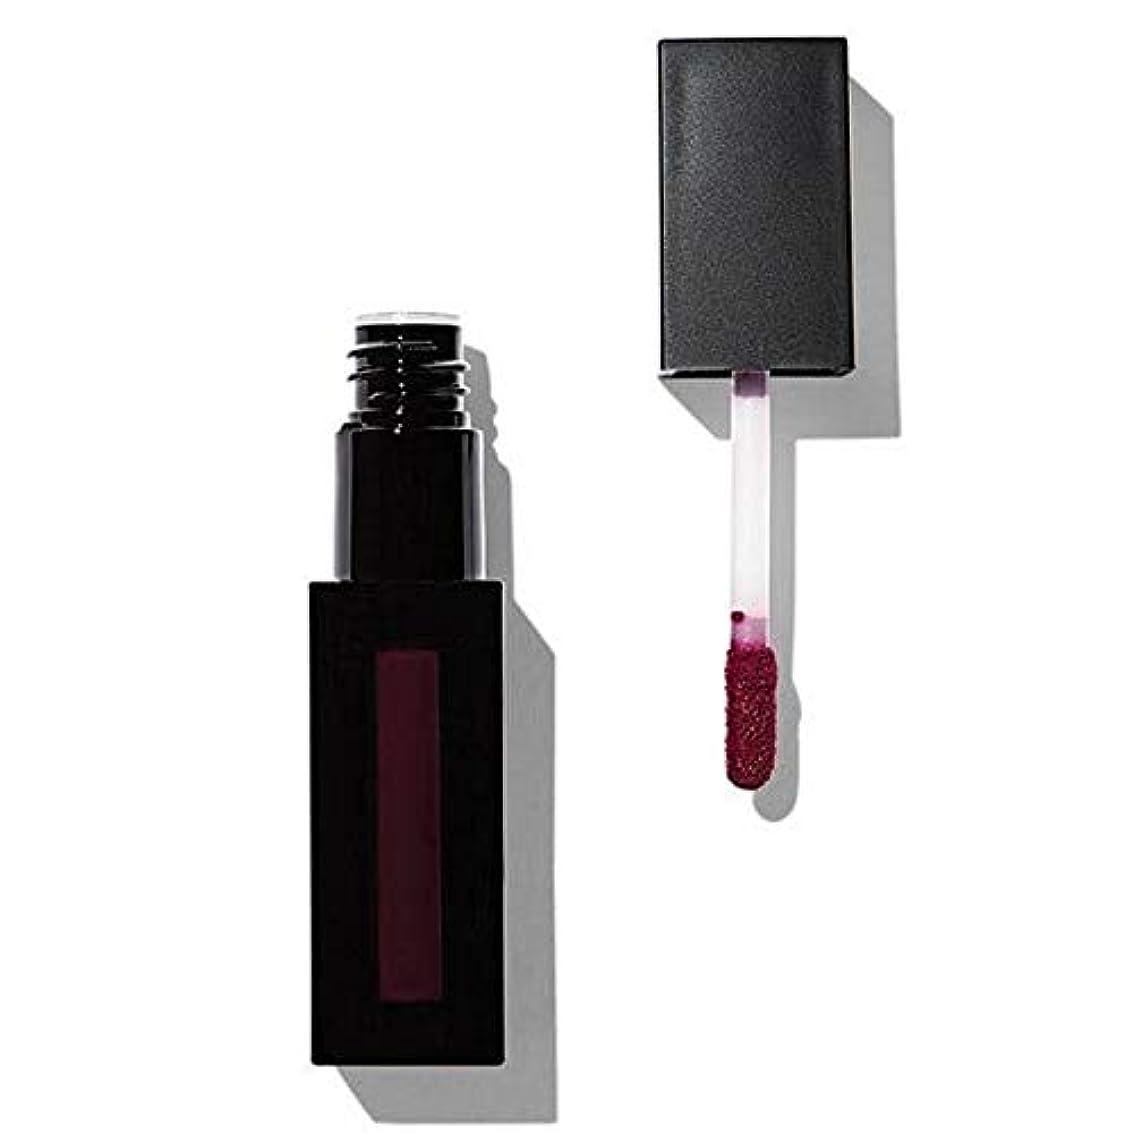 放射する連帯接触[Revolution ] 革命プロ最高のマットリップ顔料勘 - Revolution Pro Supreme Matte Lip Pigment Intuition [並行輸入品]